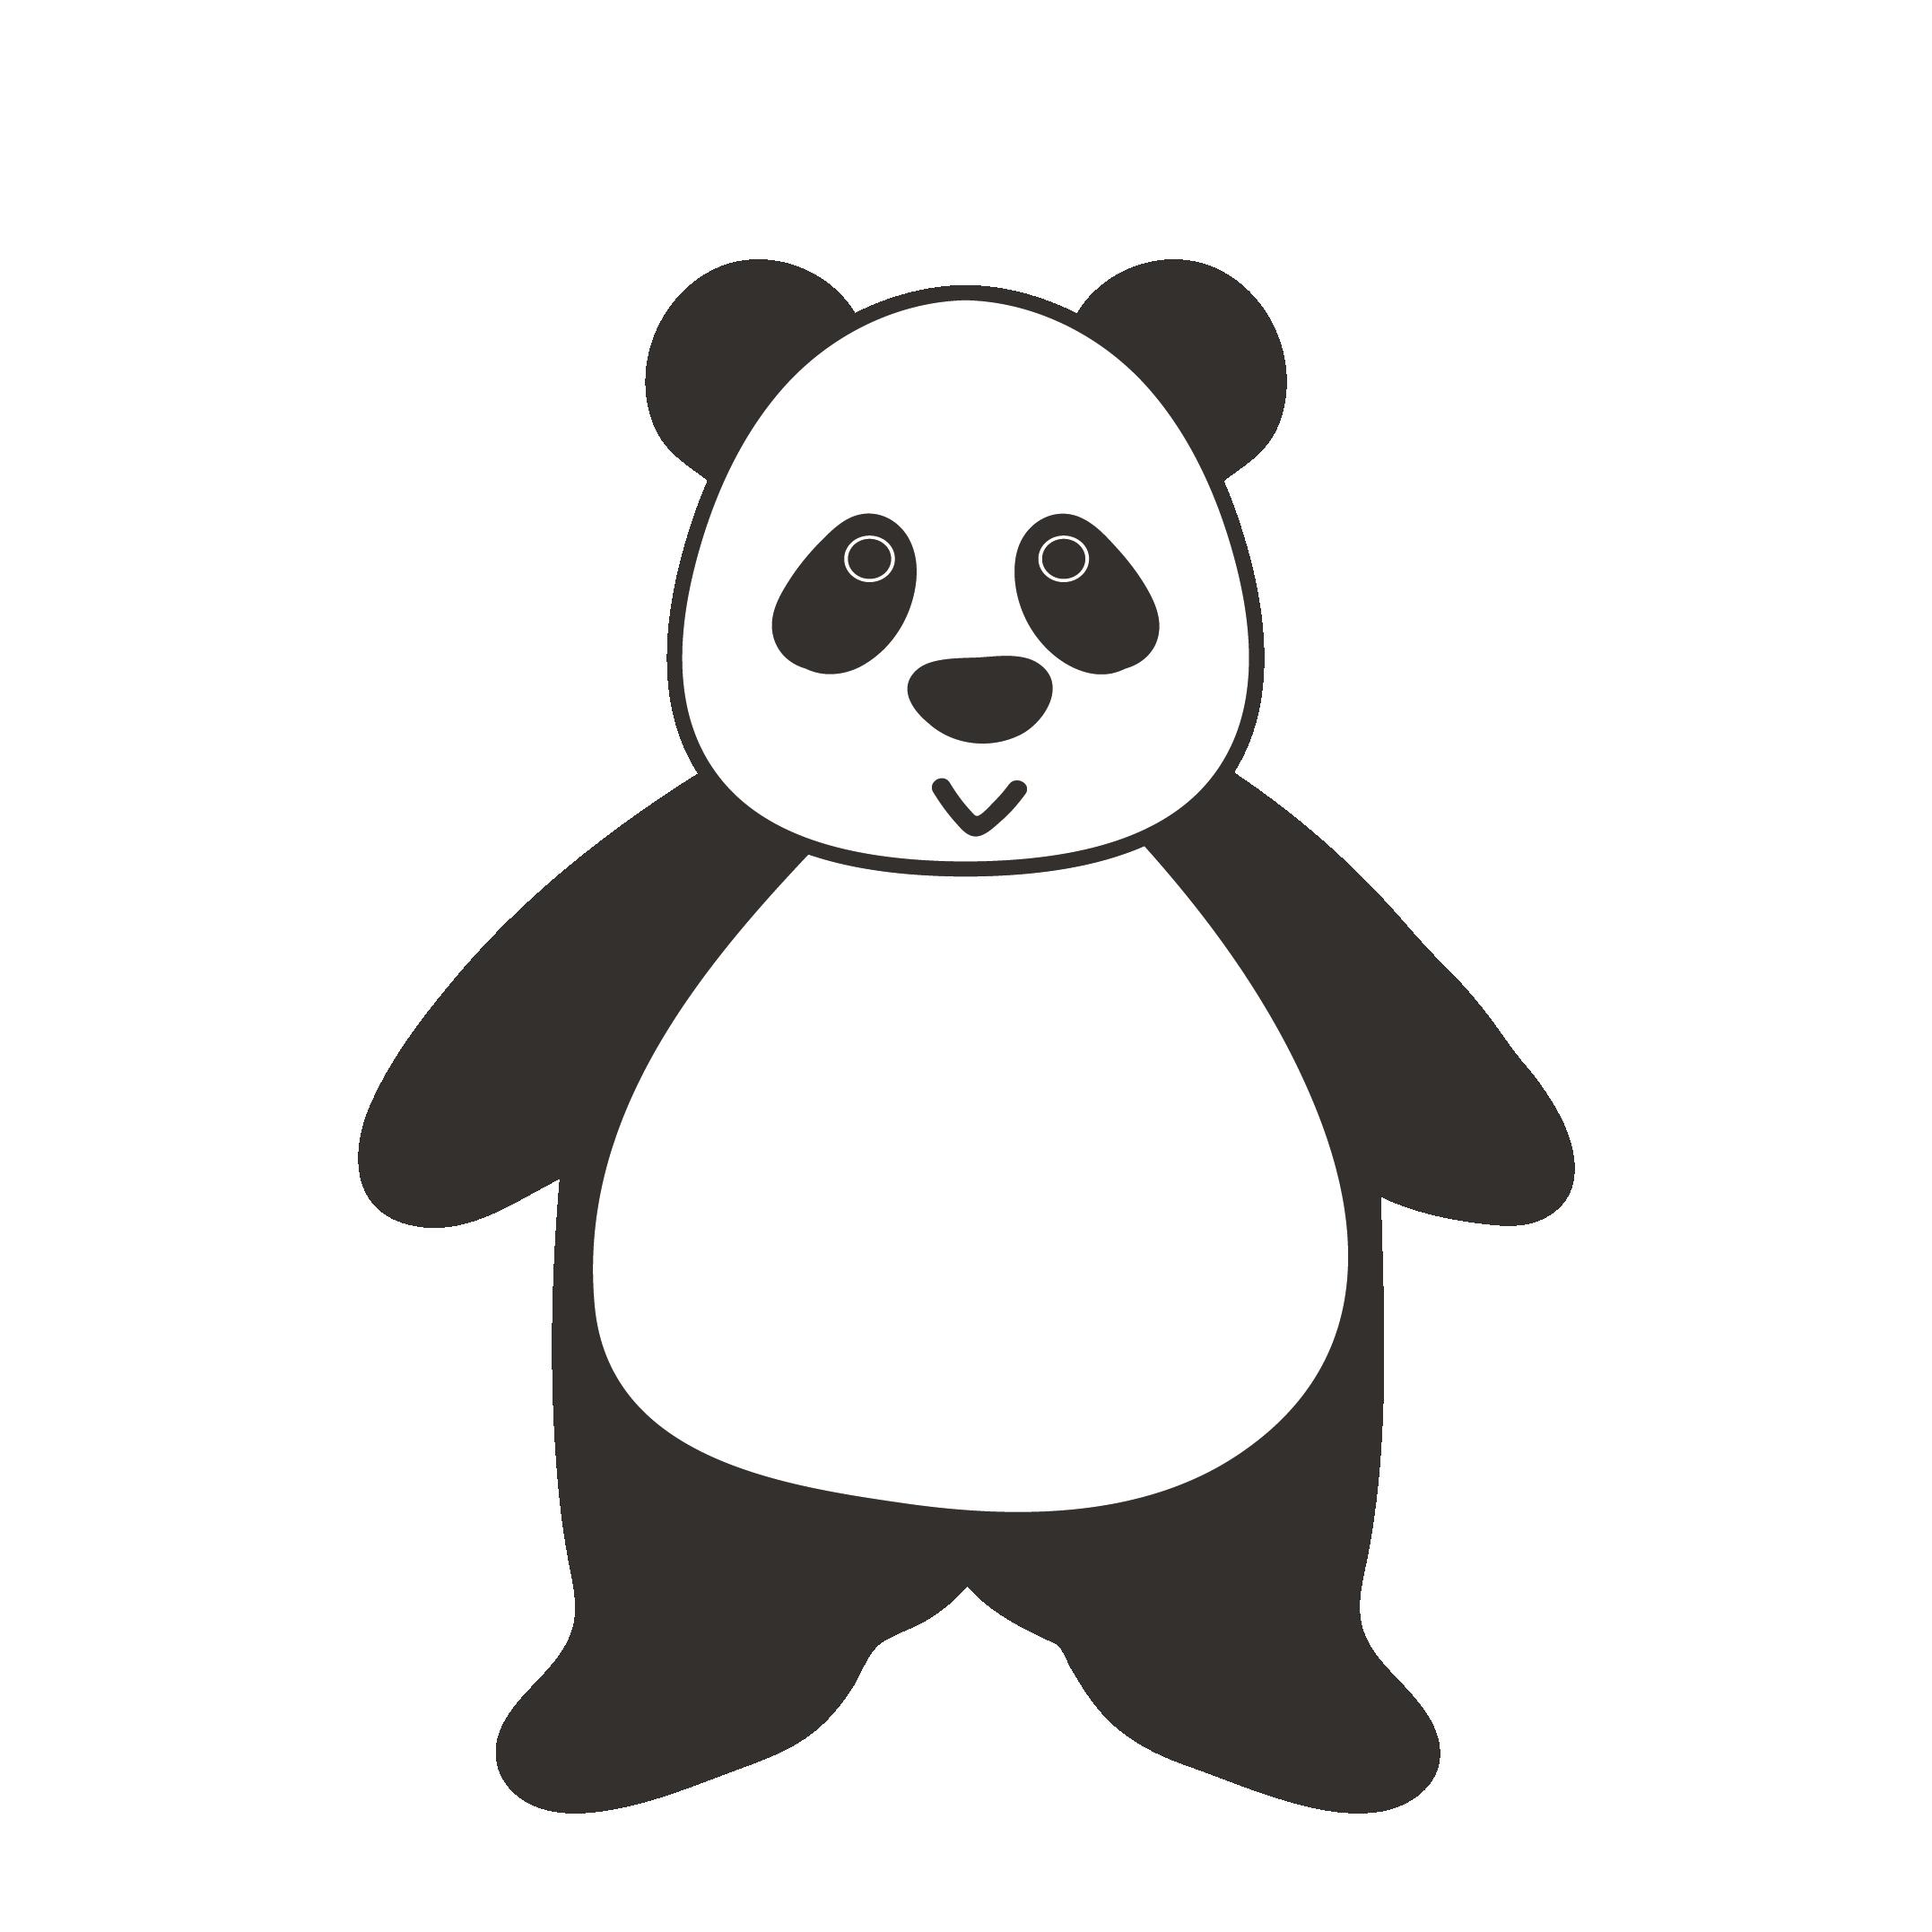 パンダ イラスト 全身バーション | 商用フリー(無料)のイラスト素材